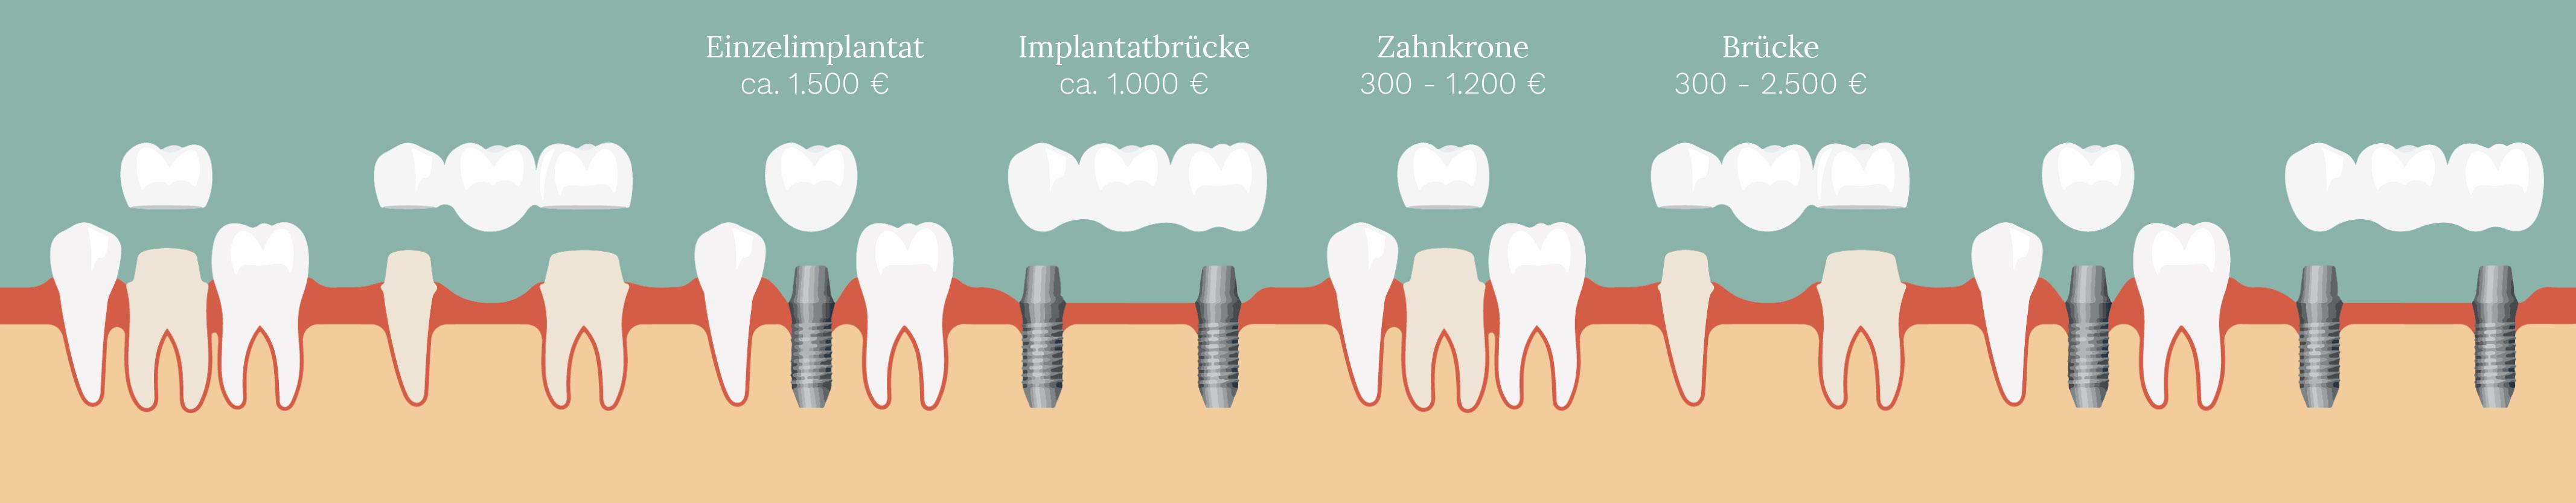 Zahnleiste mit Beschriftung